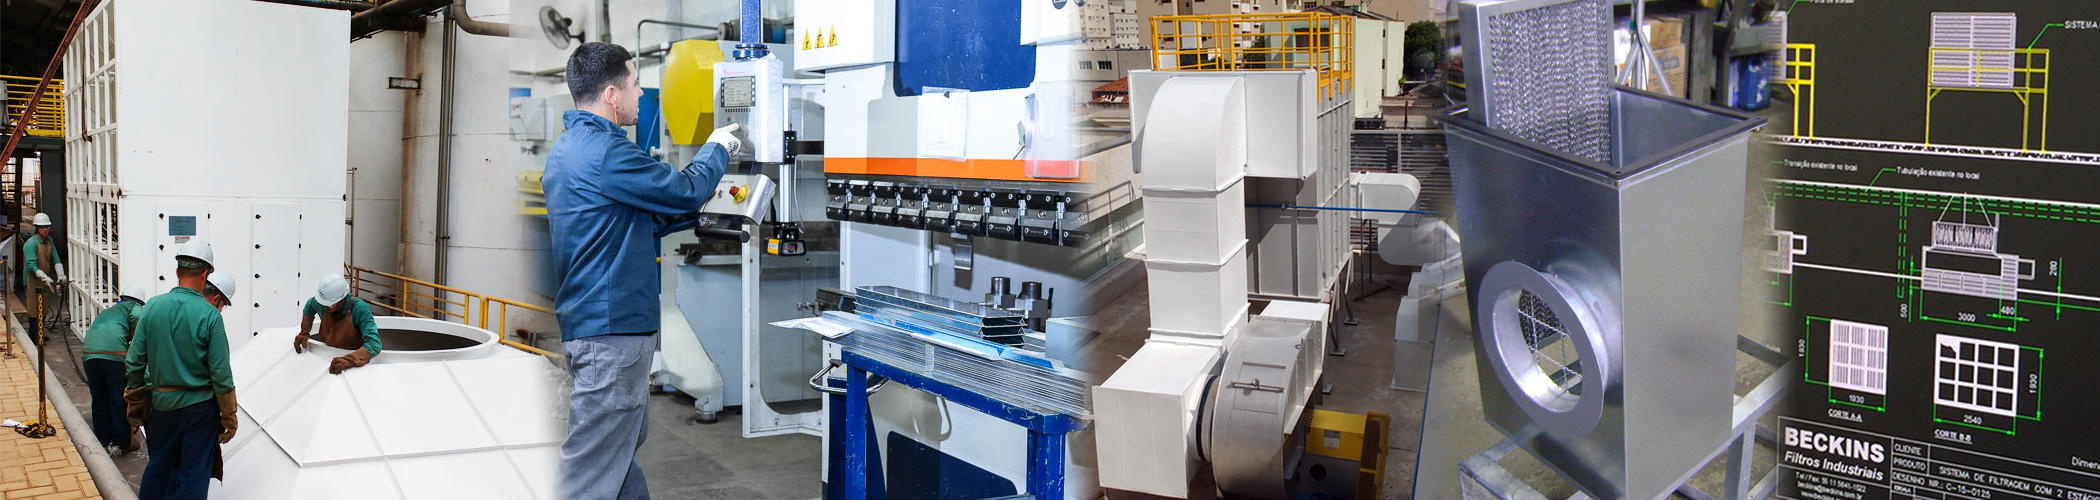 Beckins Filtros, a especialista em Sistemas de Filtragem